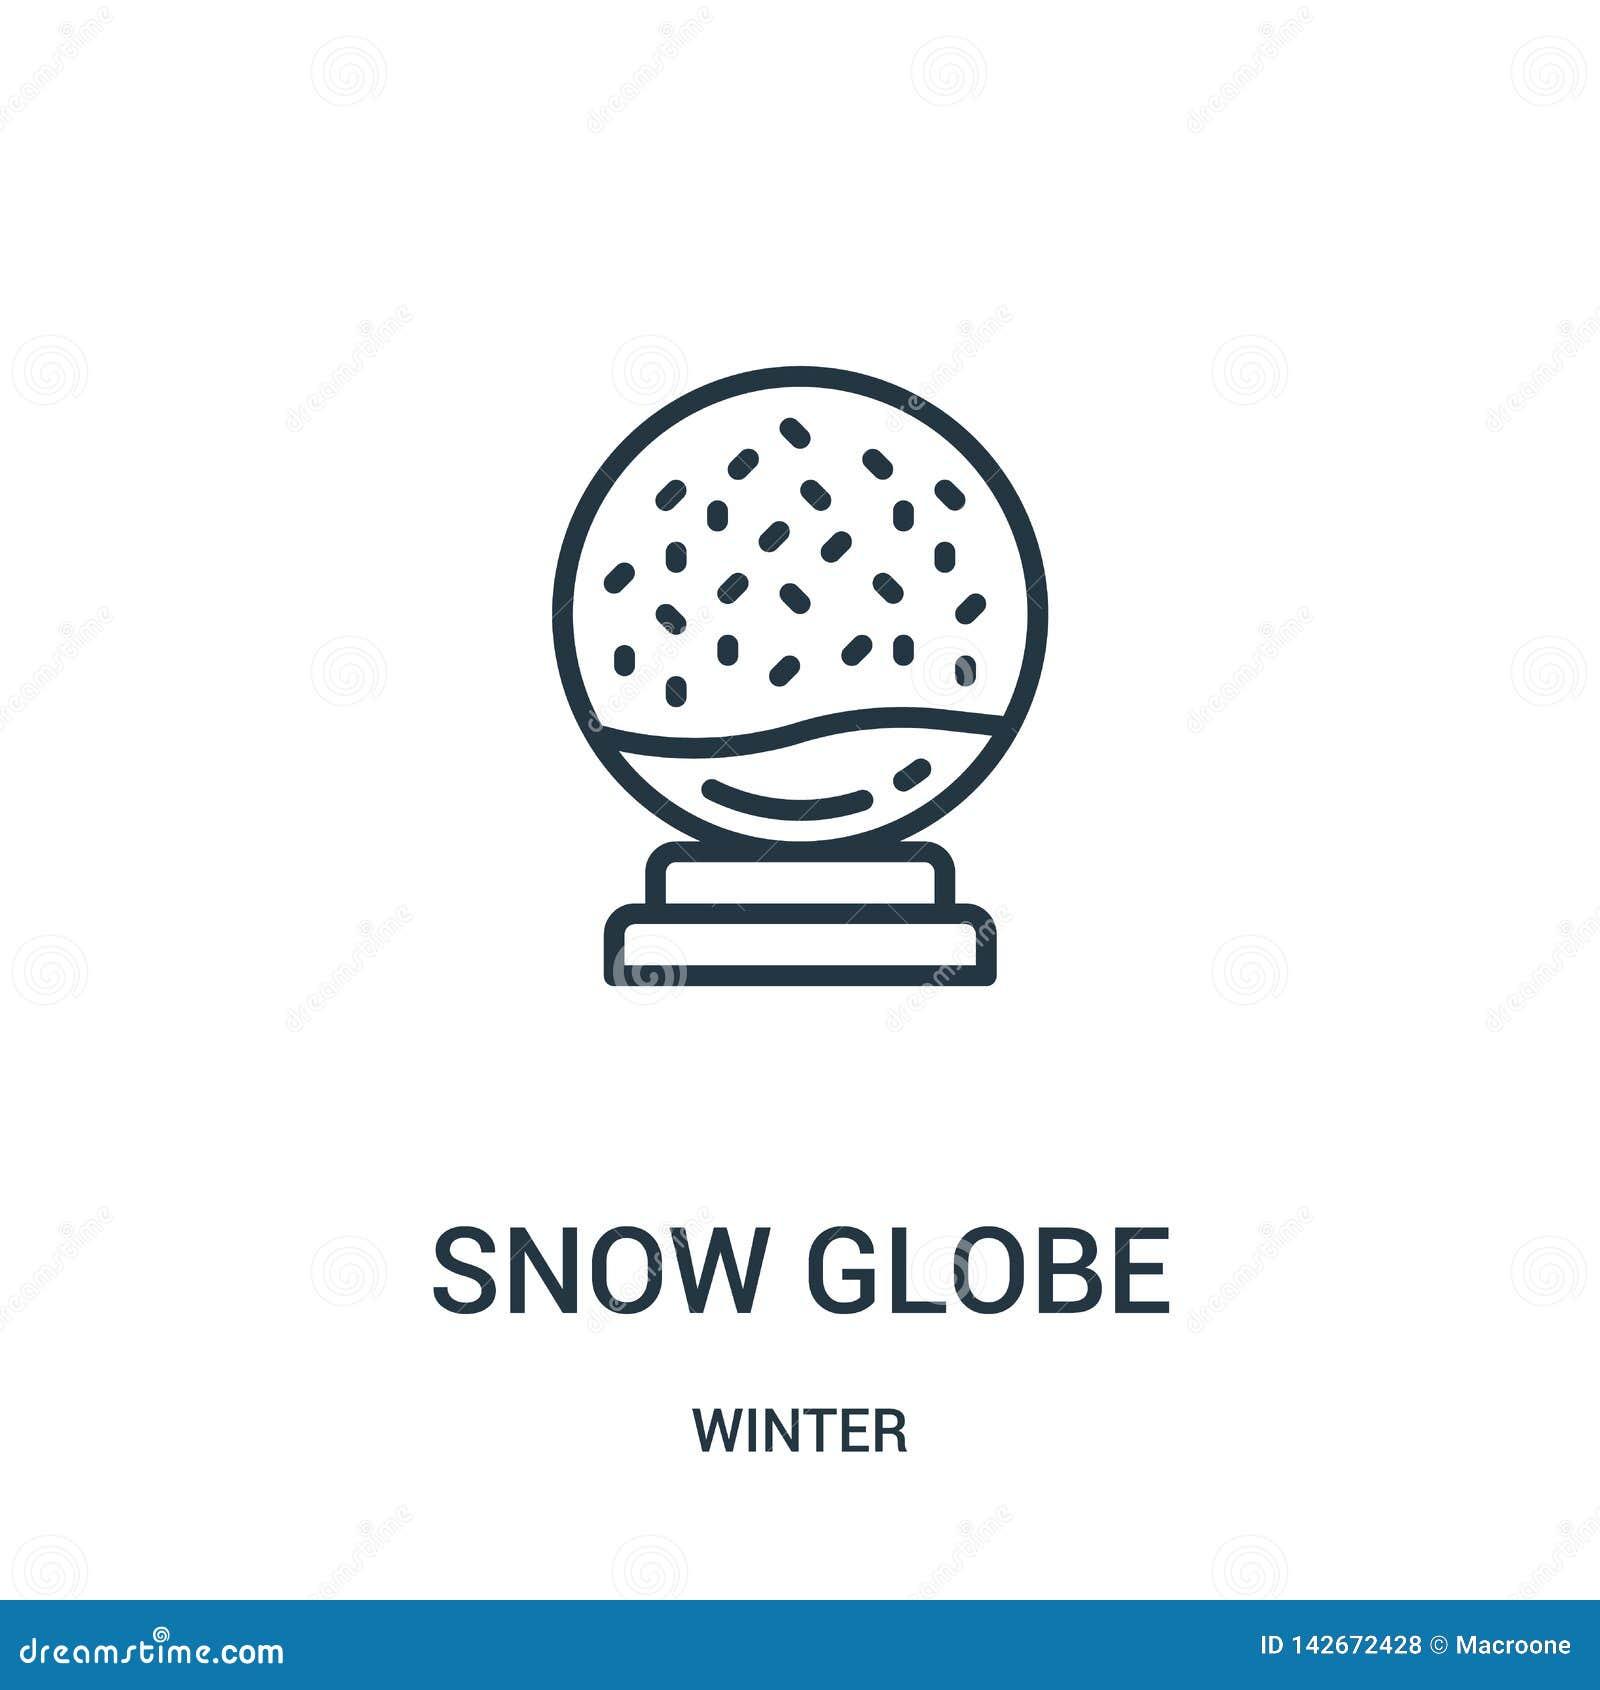 Vetor do ícone do globo da neve da coleção do inverno Linha fina ilustração do vetor do ícone do esboço do globo da neve Símbolo